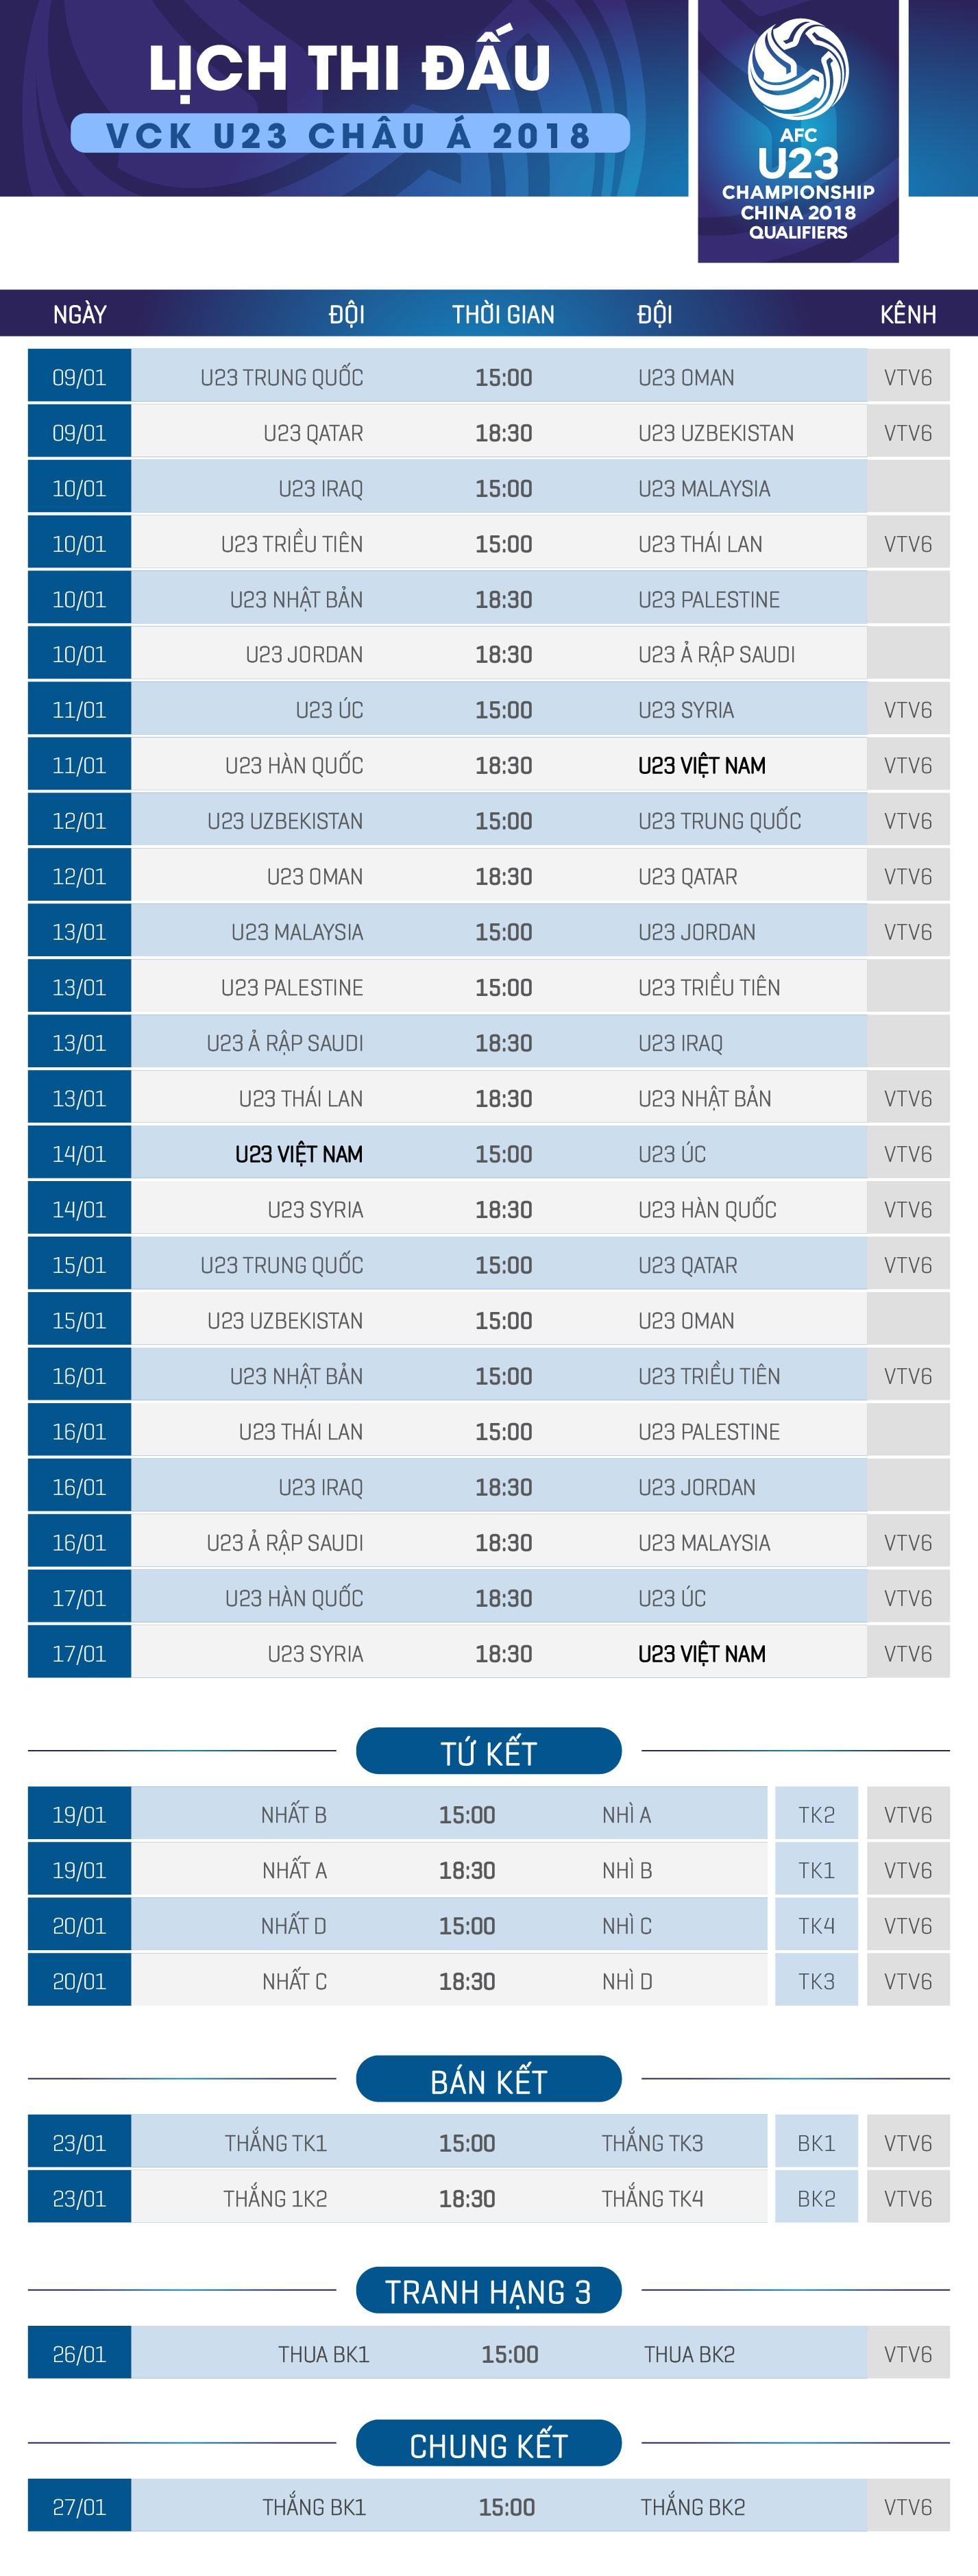 Lịch thi đấu VCk U23 Châu Á 2018. Tại giải đấu này, U23 Việt Nam nằm ở bảng D cùng với các đội U23 Hàn Quốc, U23 Úc và U23 Syria.